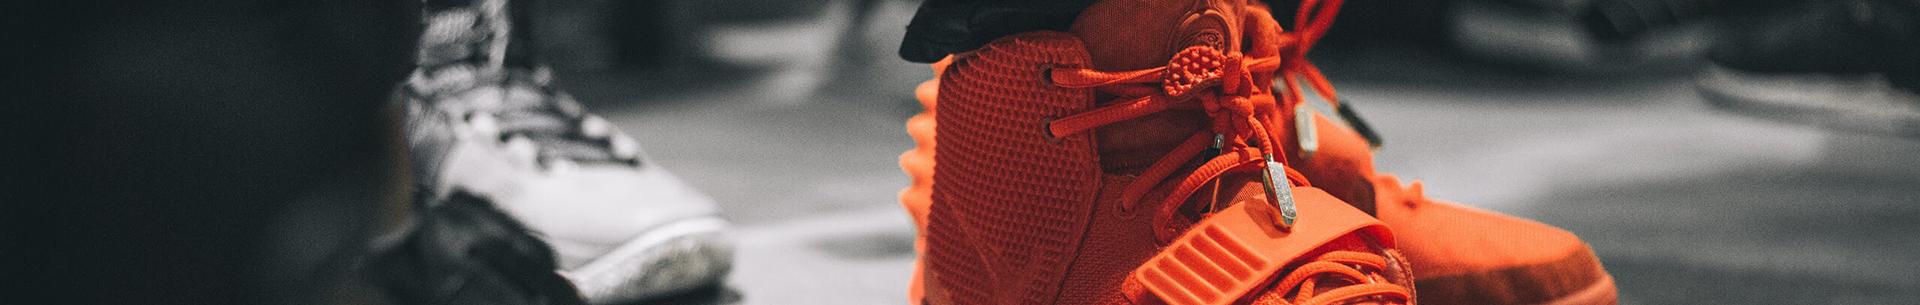 Giày thể thao đẹp đang hot